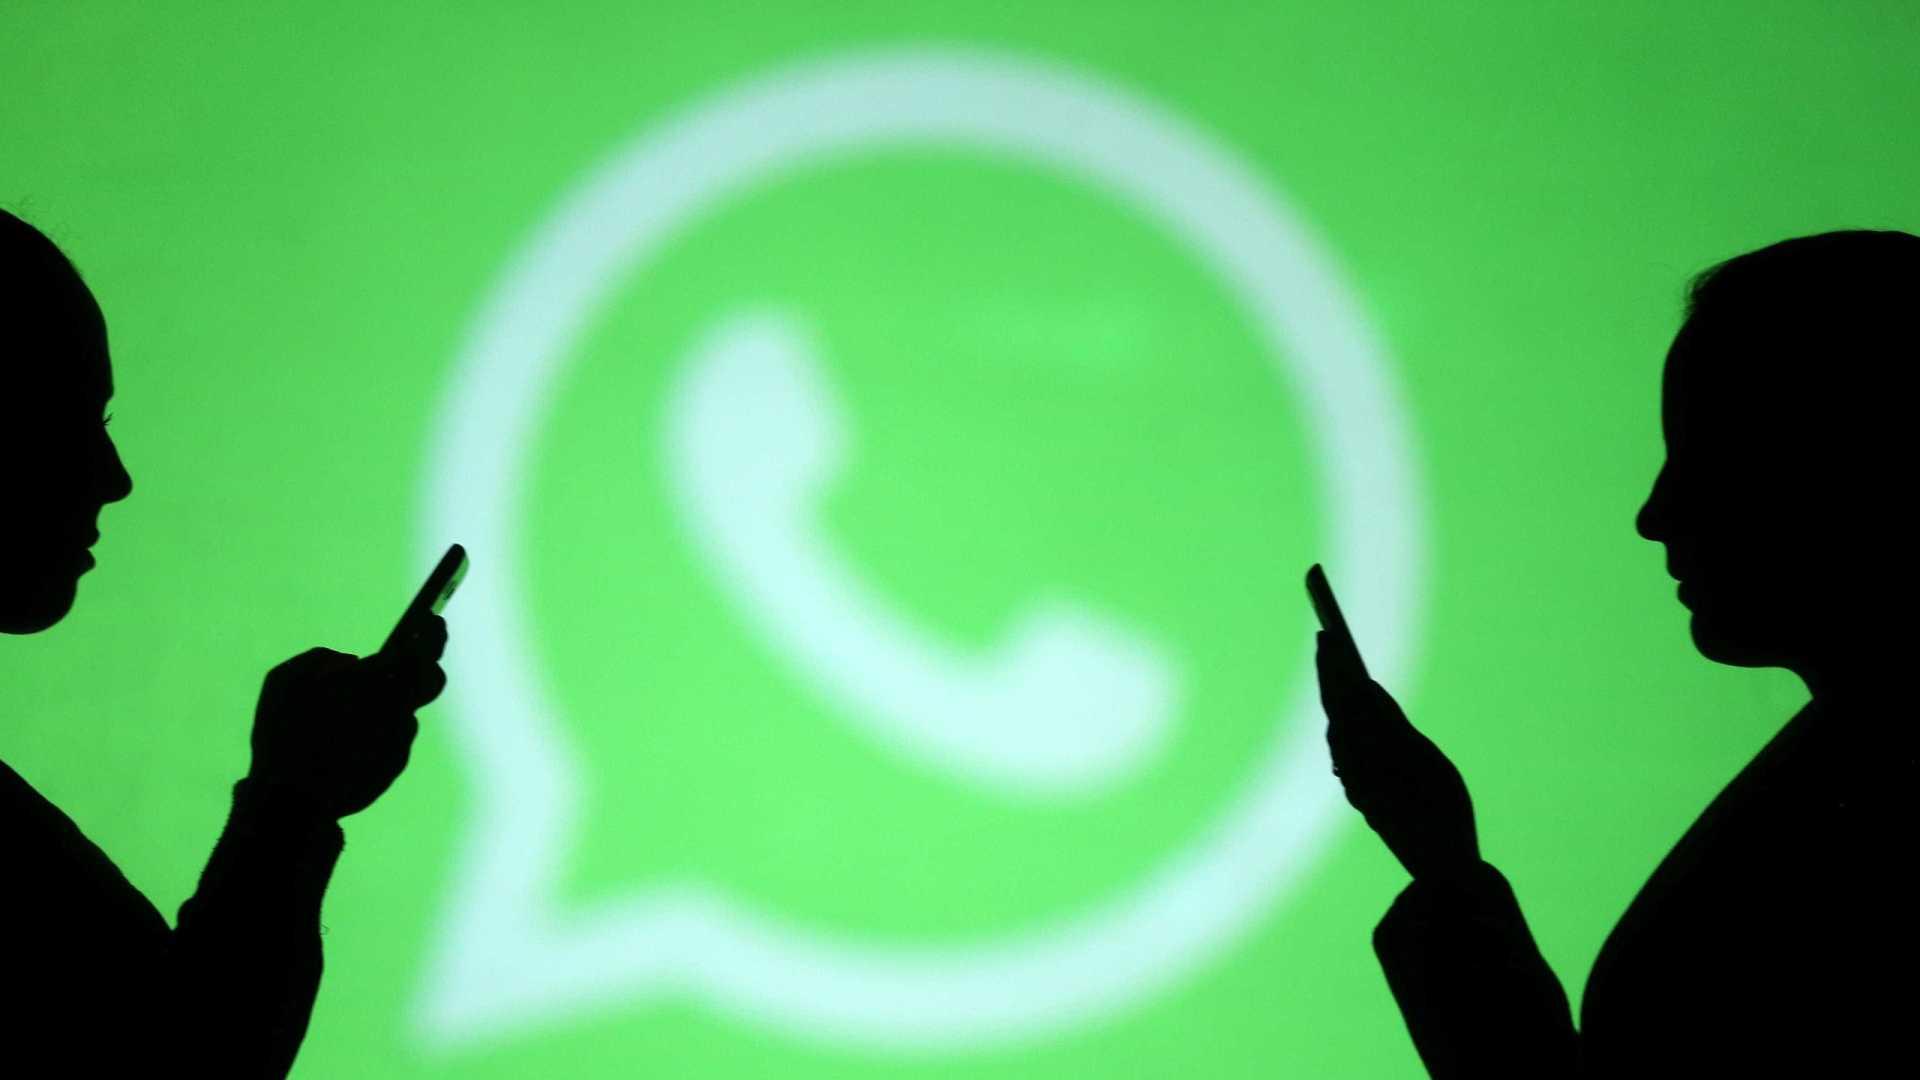 No combate às fake news, WhatsApp limita compartilhamento de mensagens a 5 destinatários por vez